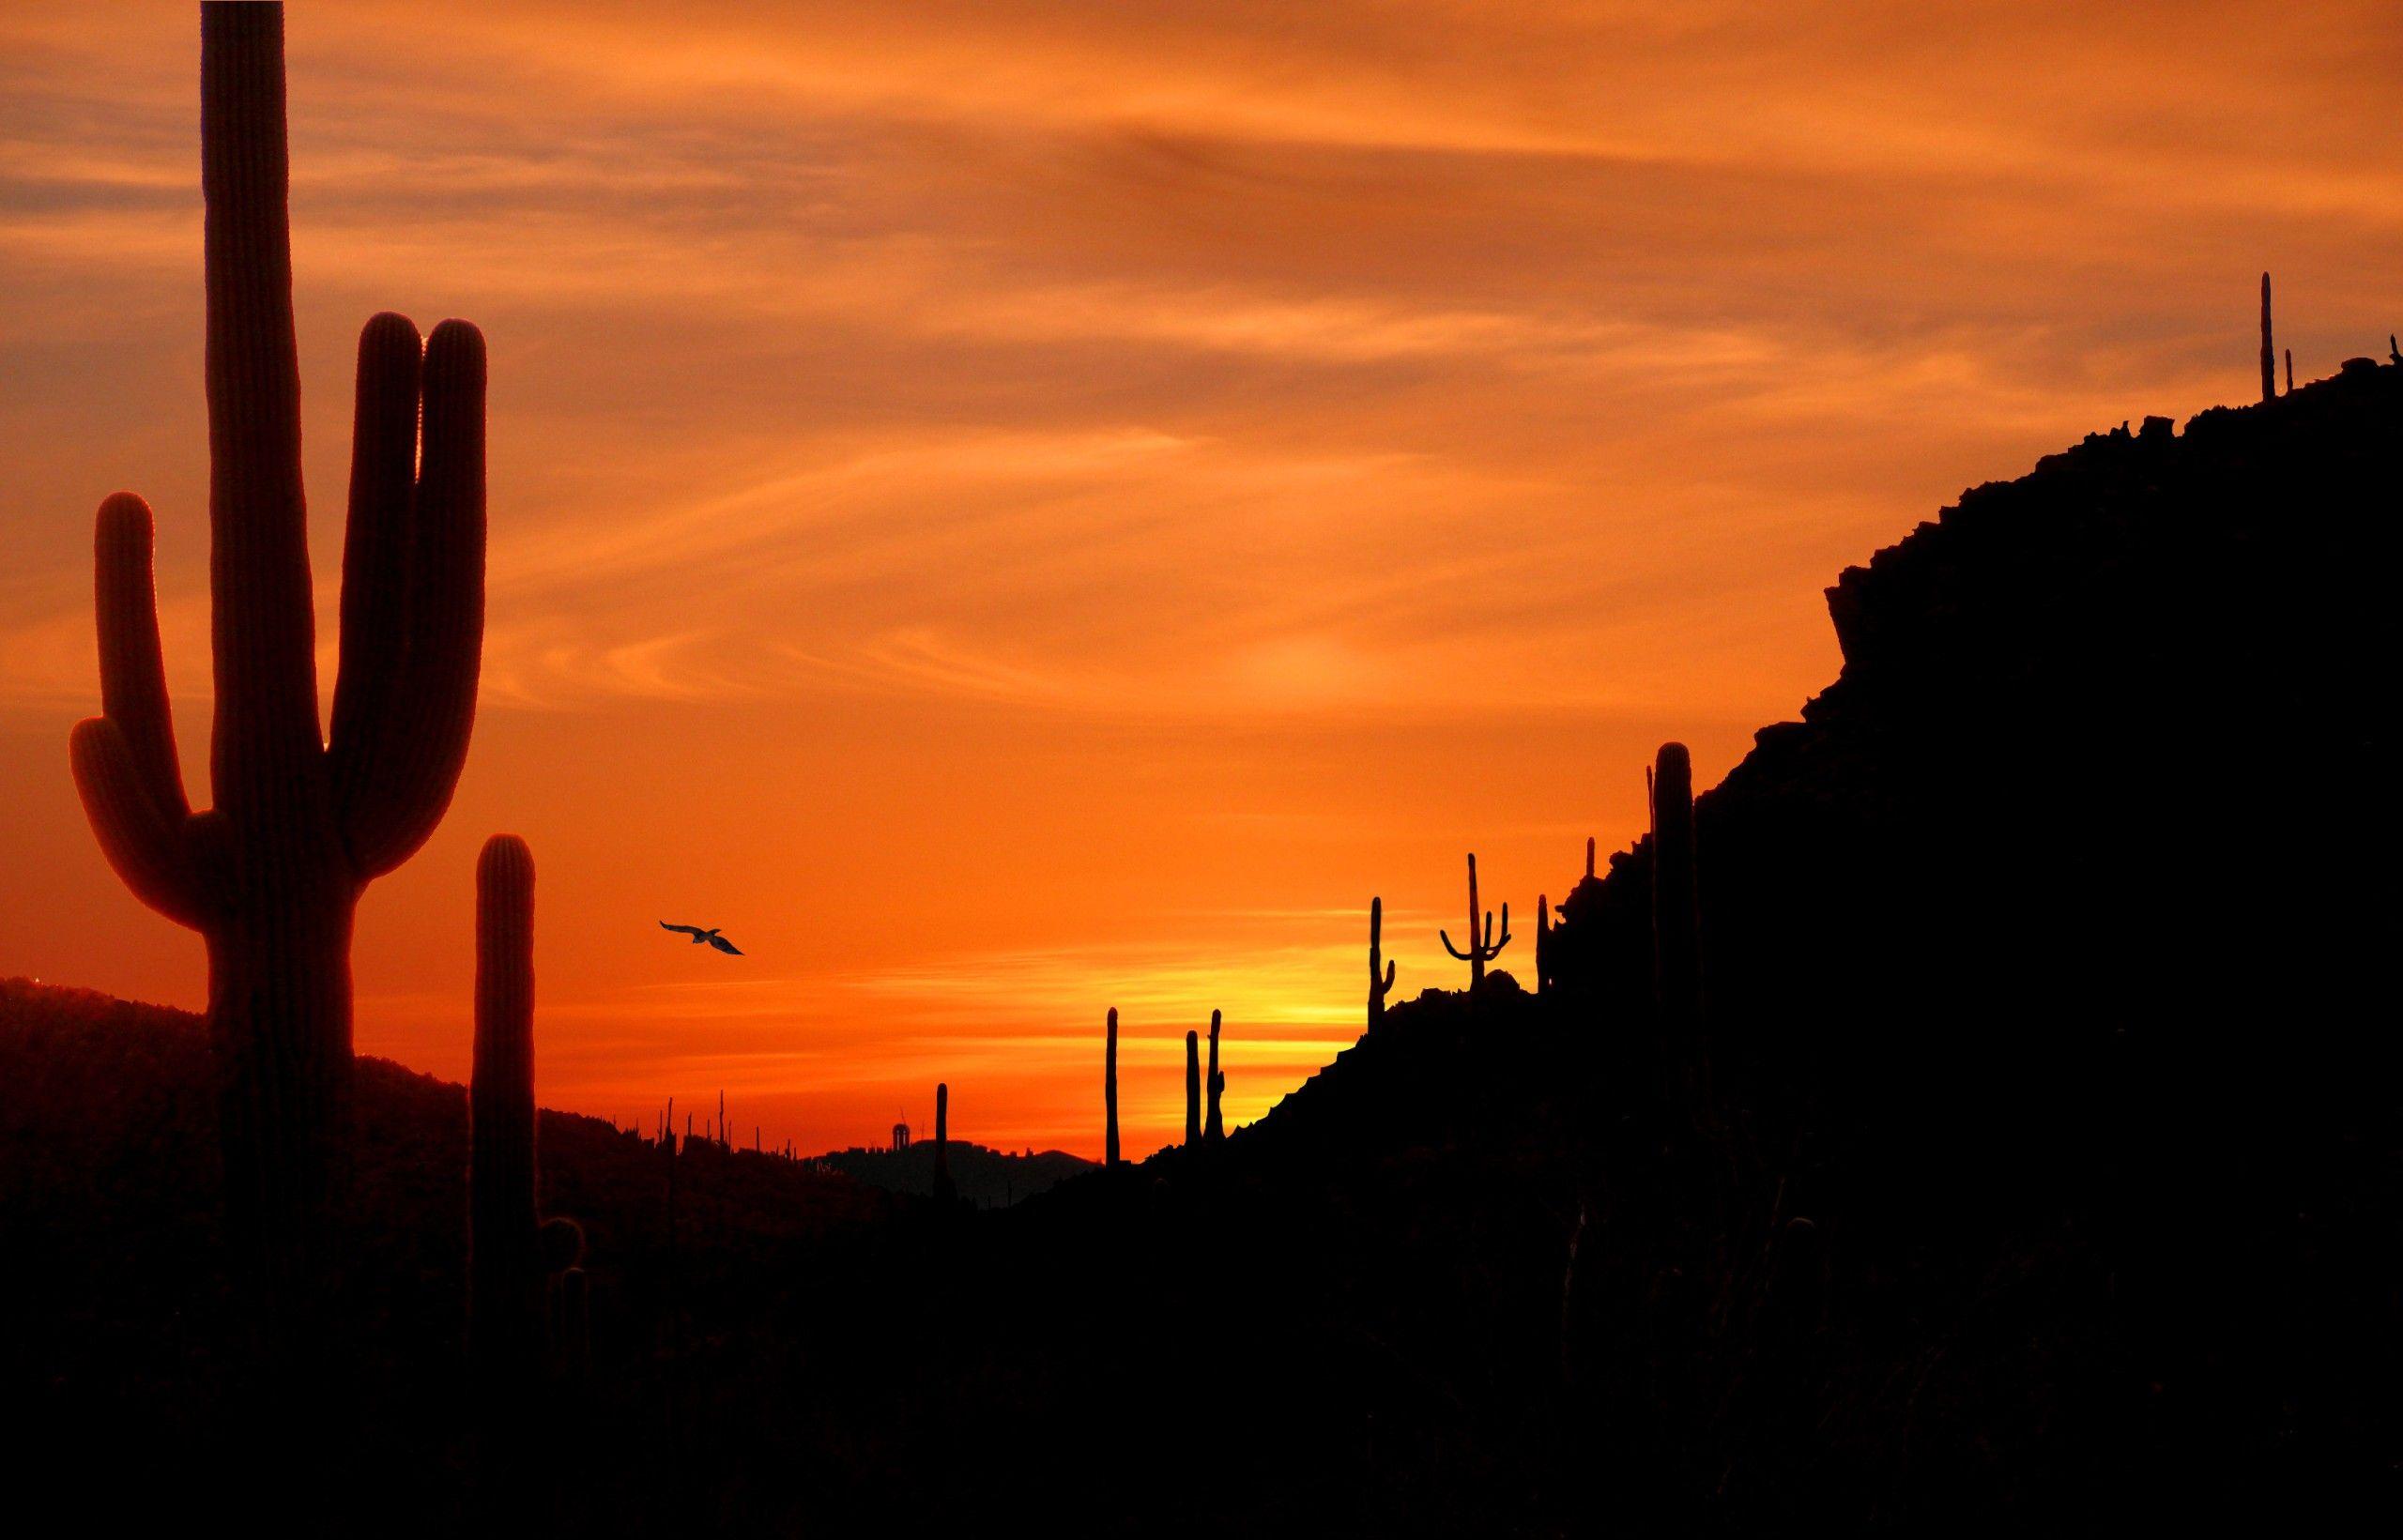 Cactus Sunset Background Wallpaper Desert Sunset Art Desert Sunset Sunset Hd wallpaper cacti evening sunset desert